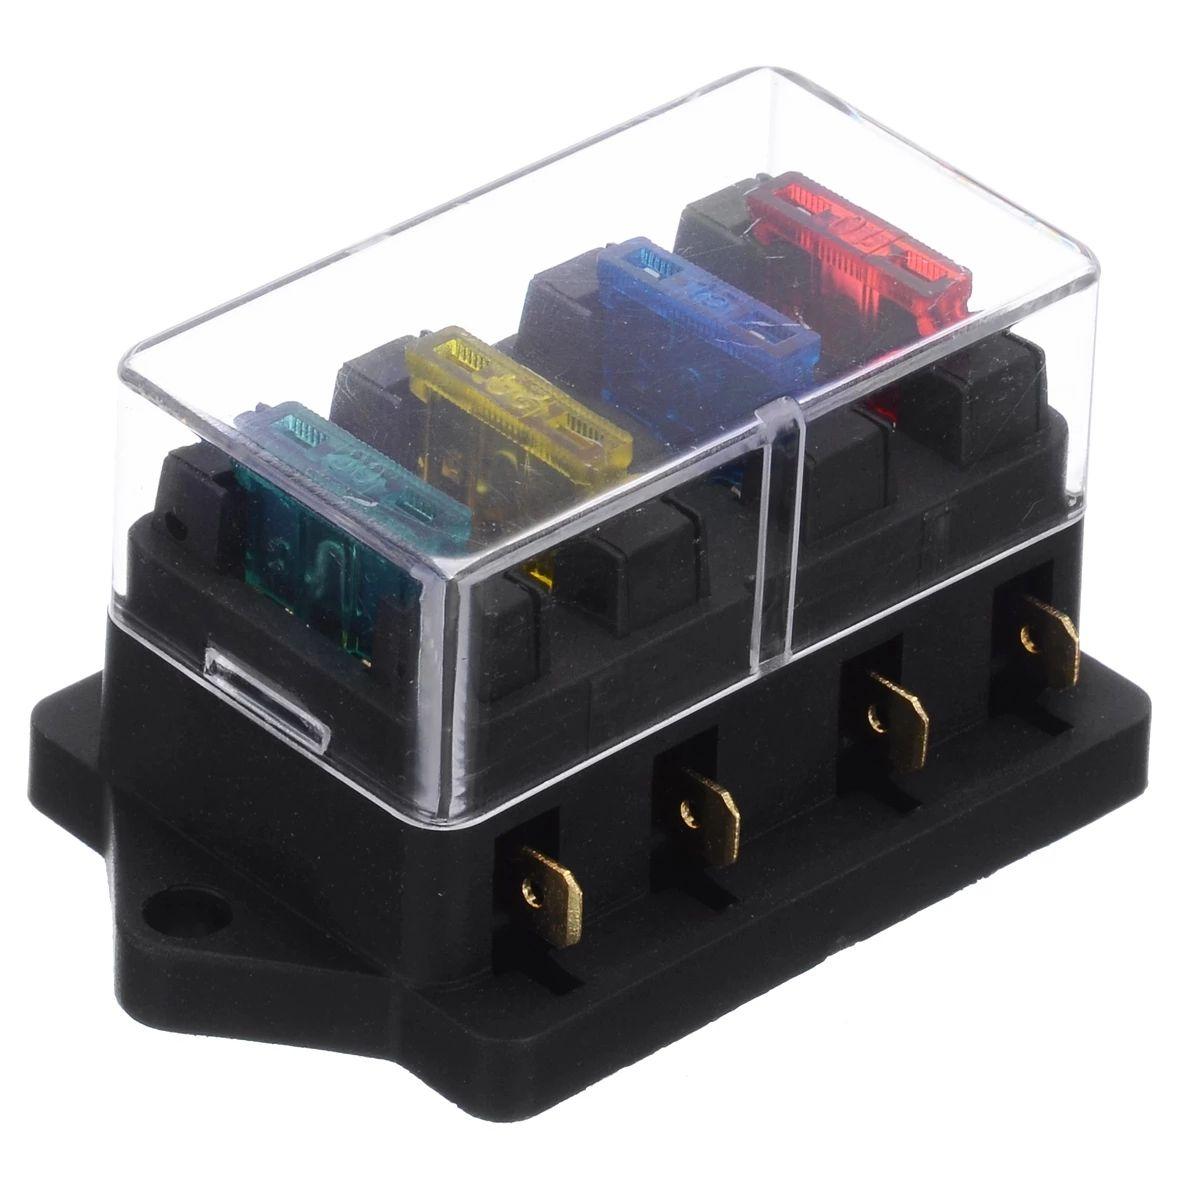 Boîte à fusibles à 4 voies DC 12V 24V Circuit Voiture Remorque Voiture Auto Blade Titulaire de la boîte à fusibles Titulaire de fusible ATO